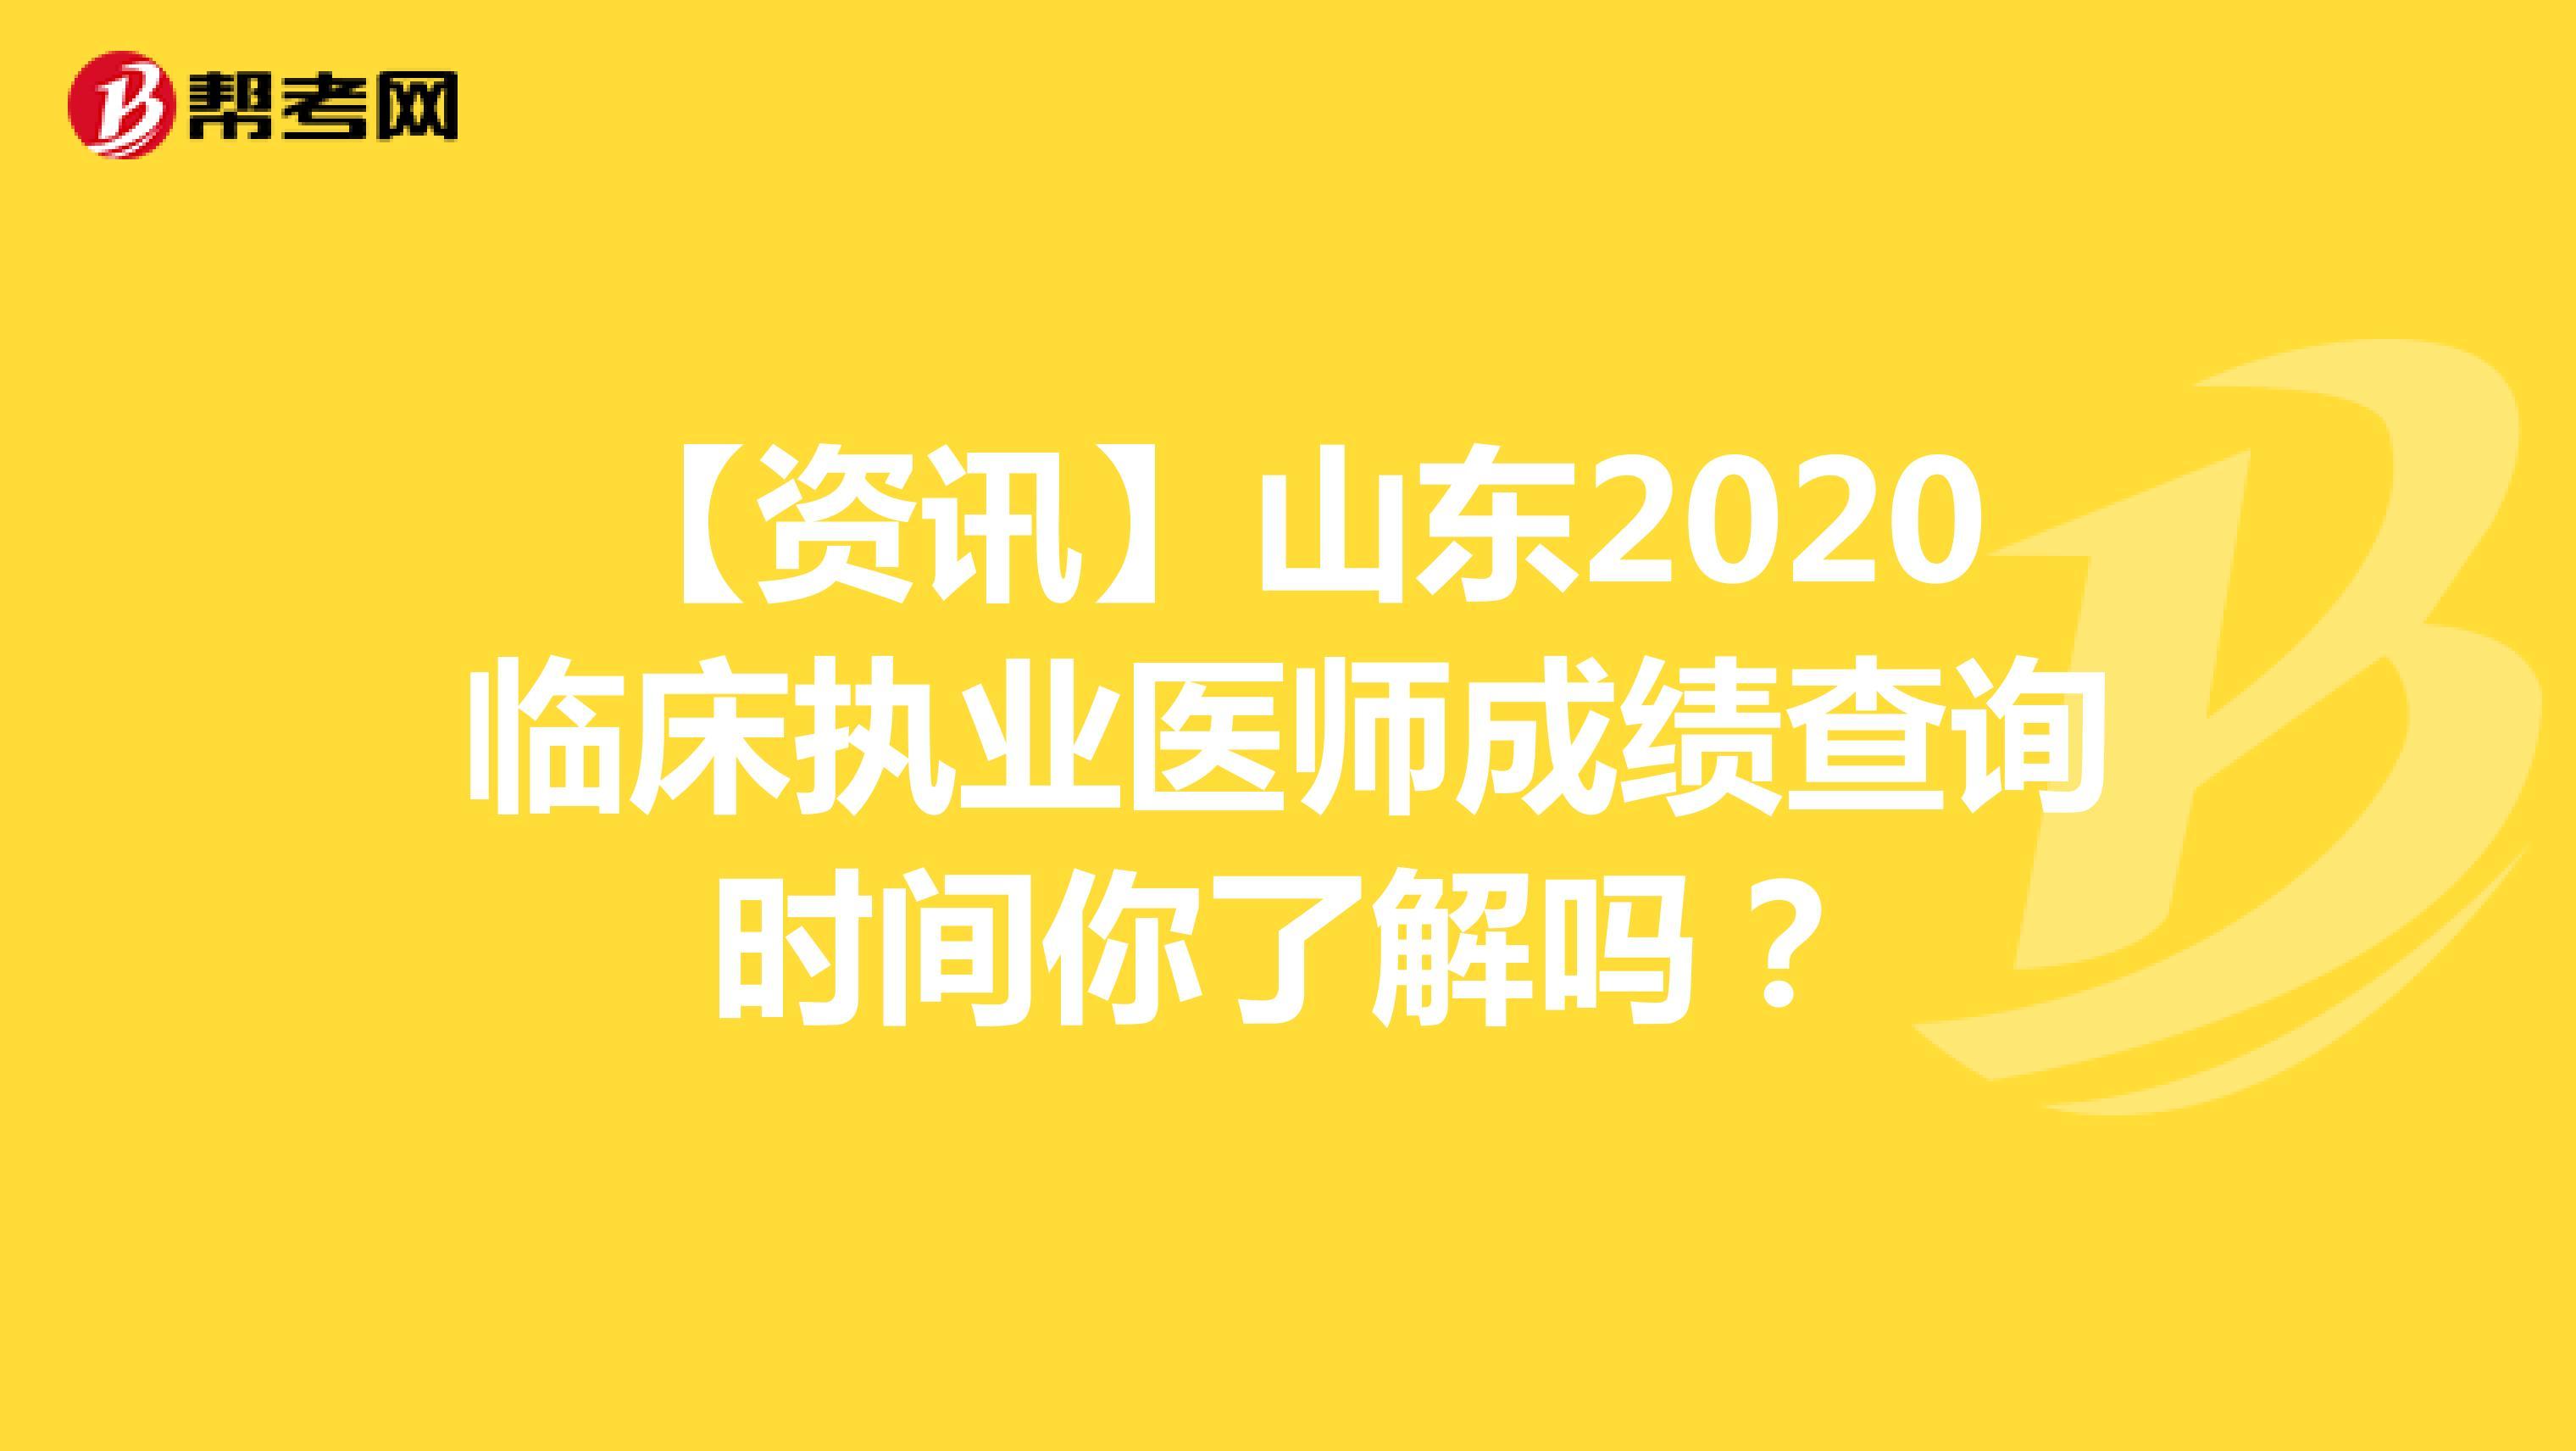 【资讯】山东2020临床执业医师成绩查询时间你了解吗?